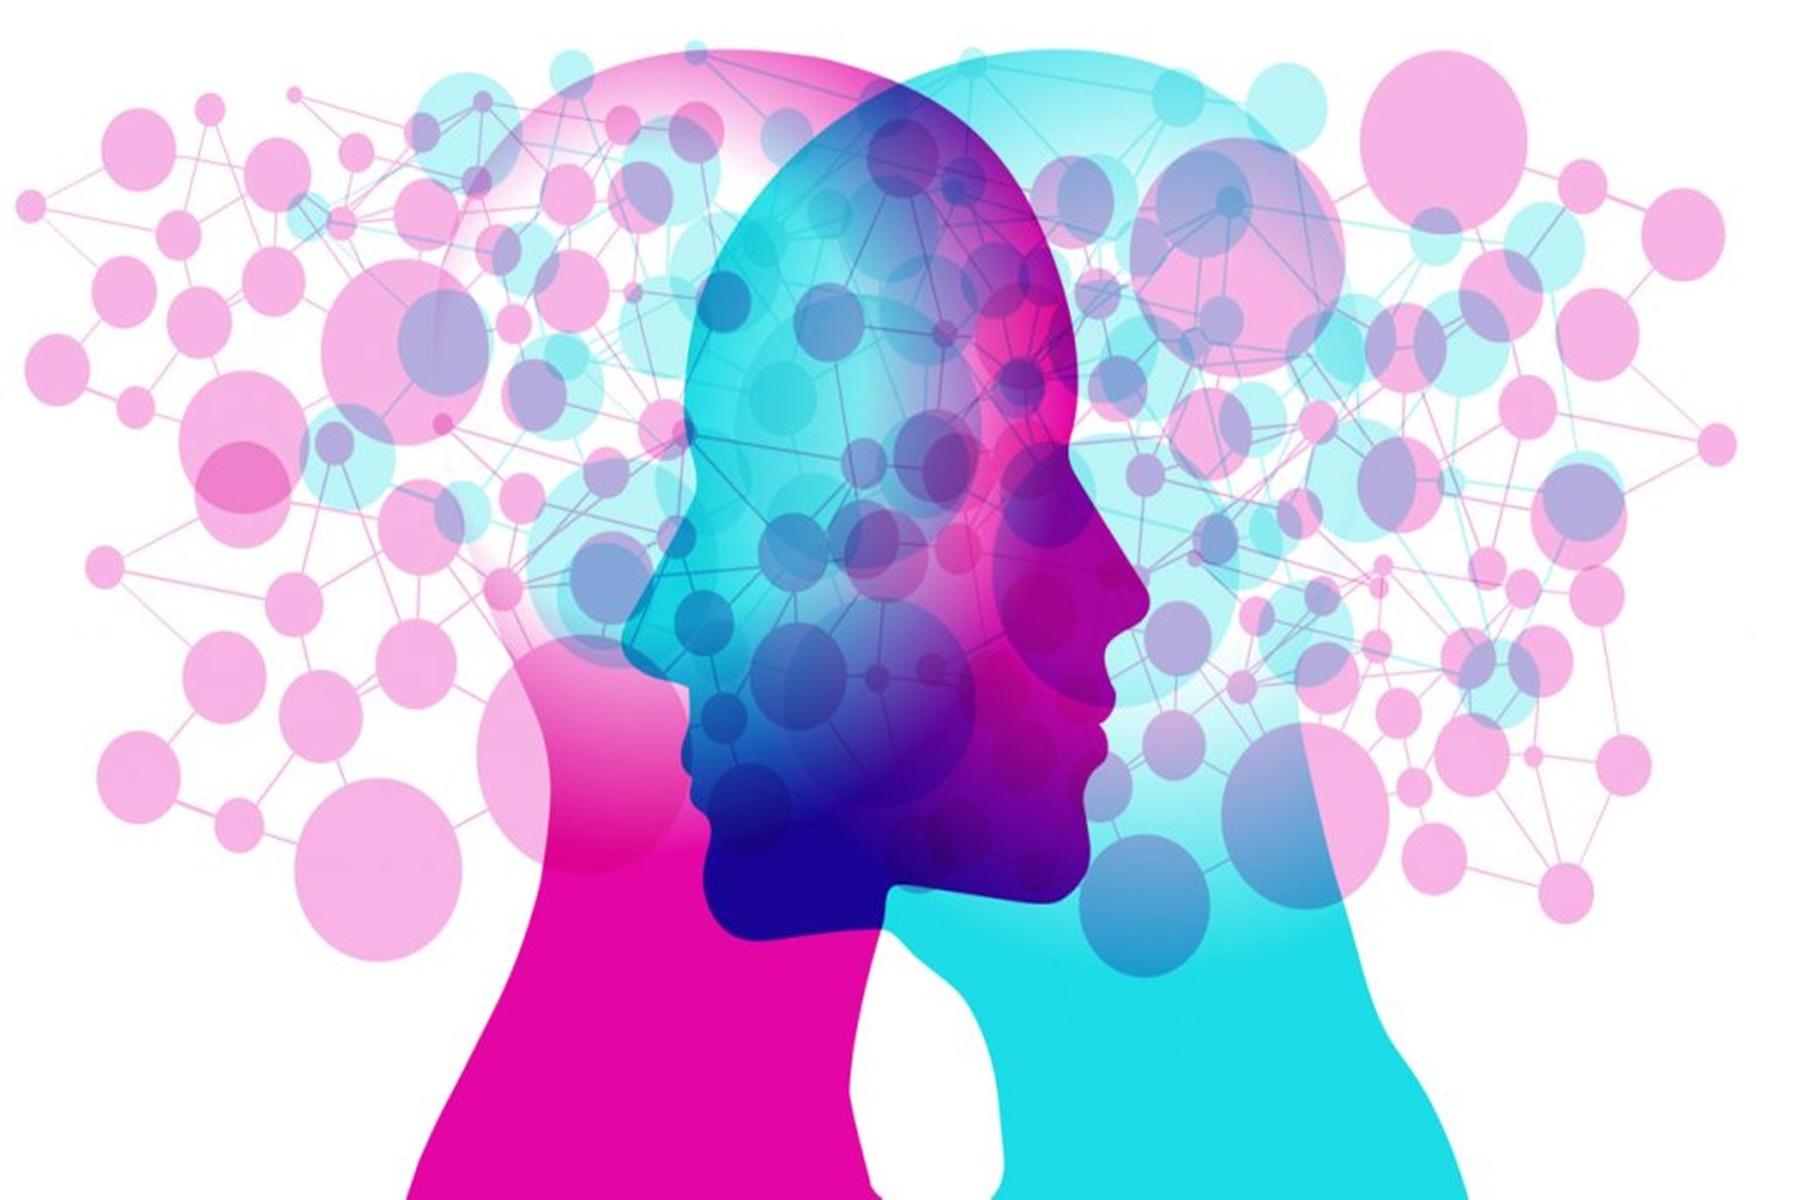 Αντιδραστική διαταραχή προσκόλλησης : Θεραπεία υπόσχεται την καταπολέμηση της